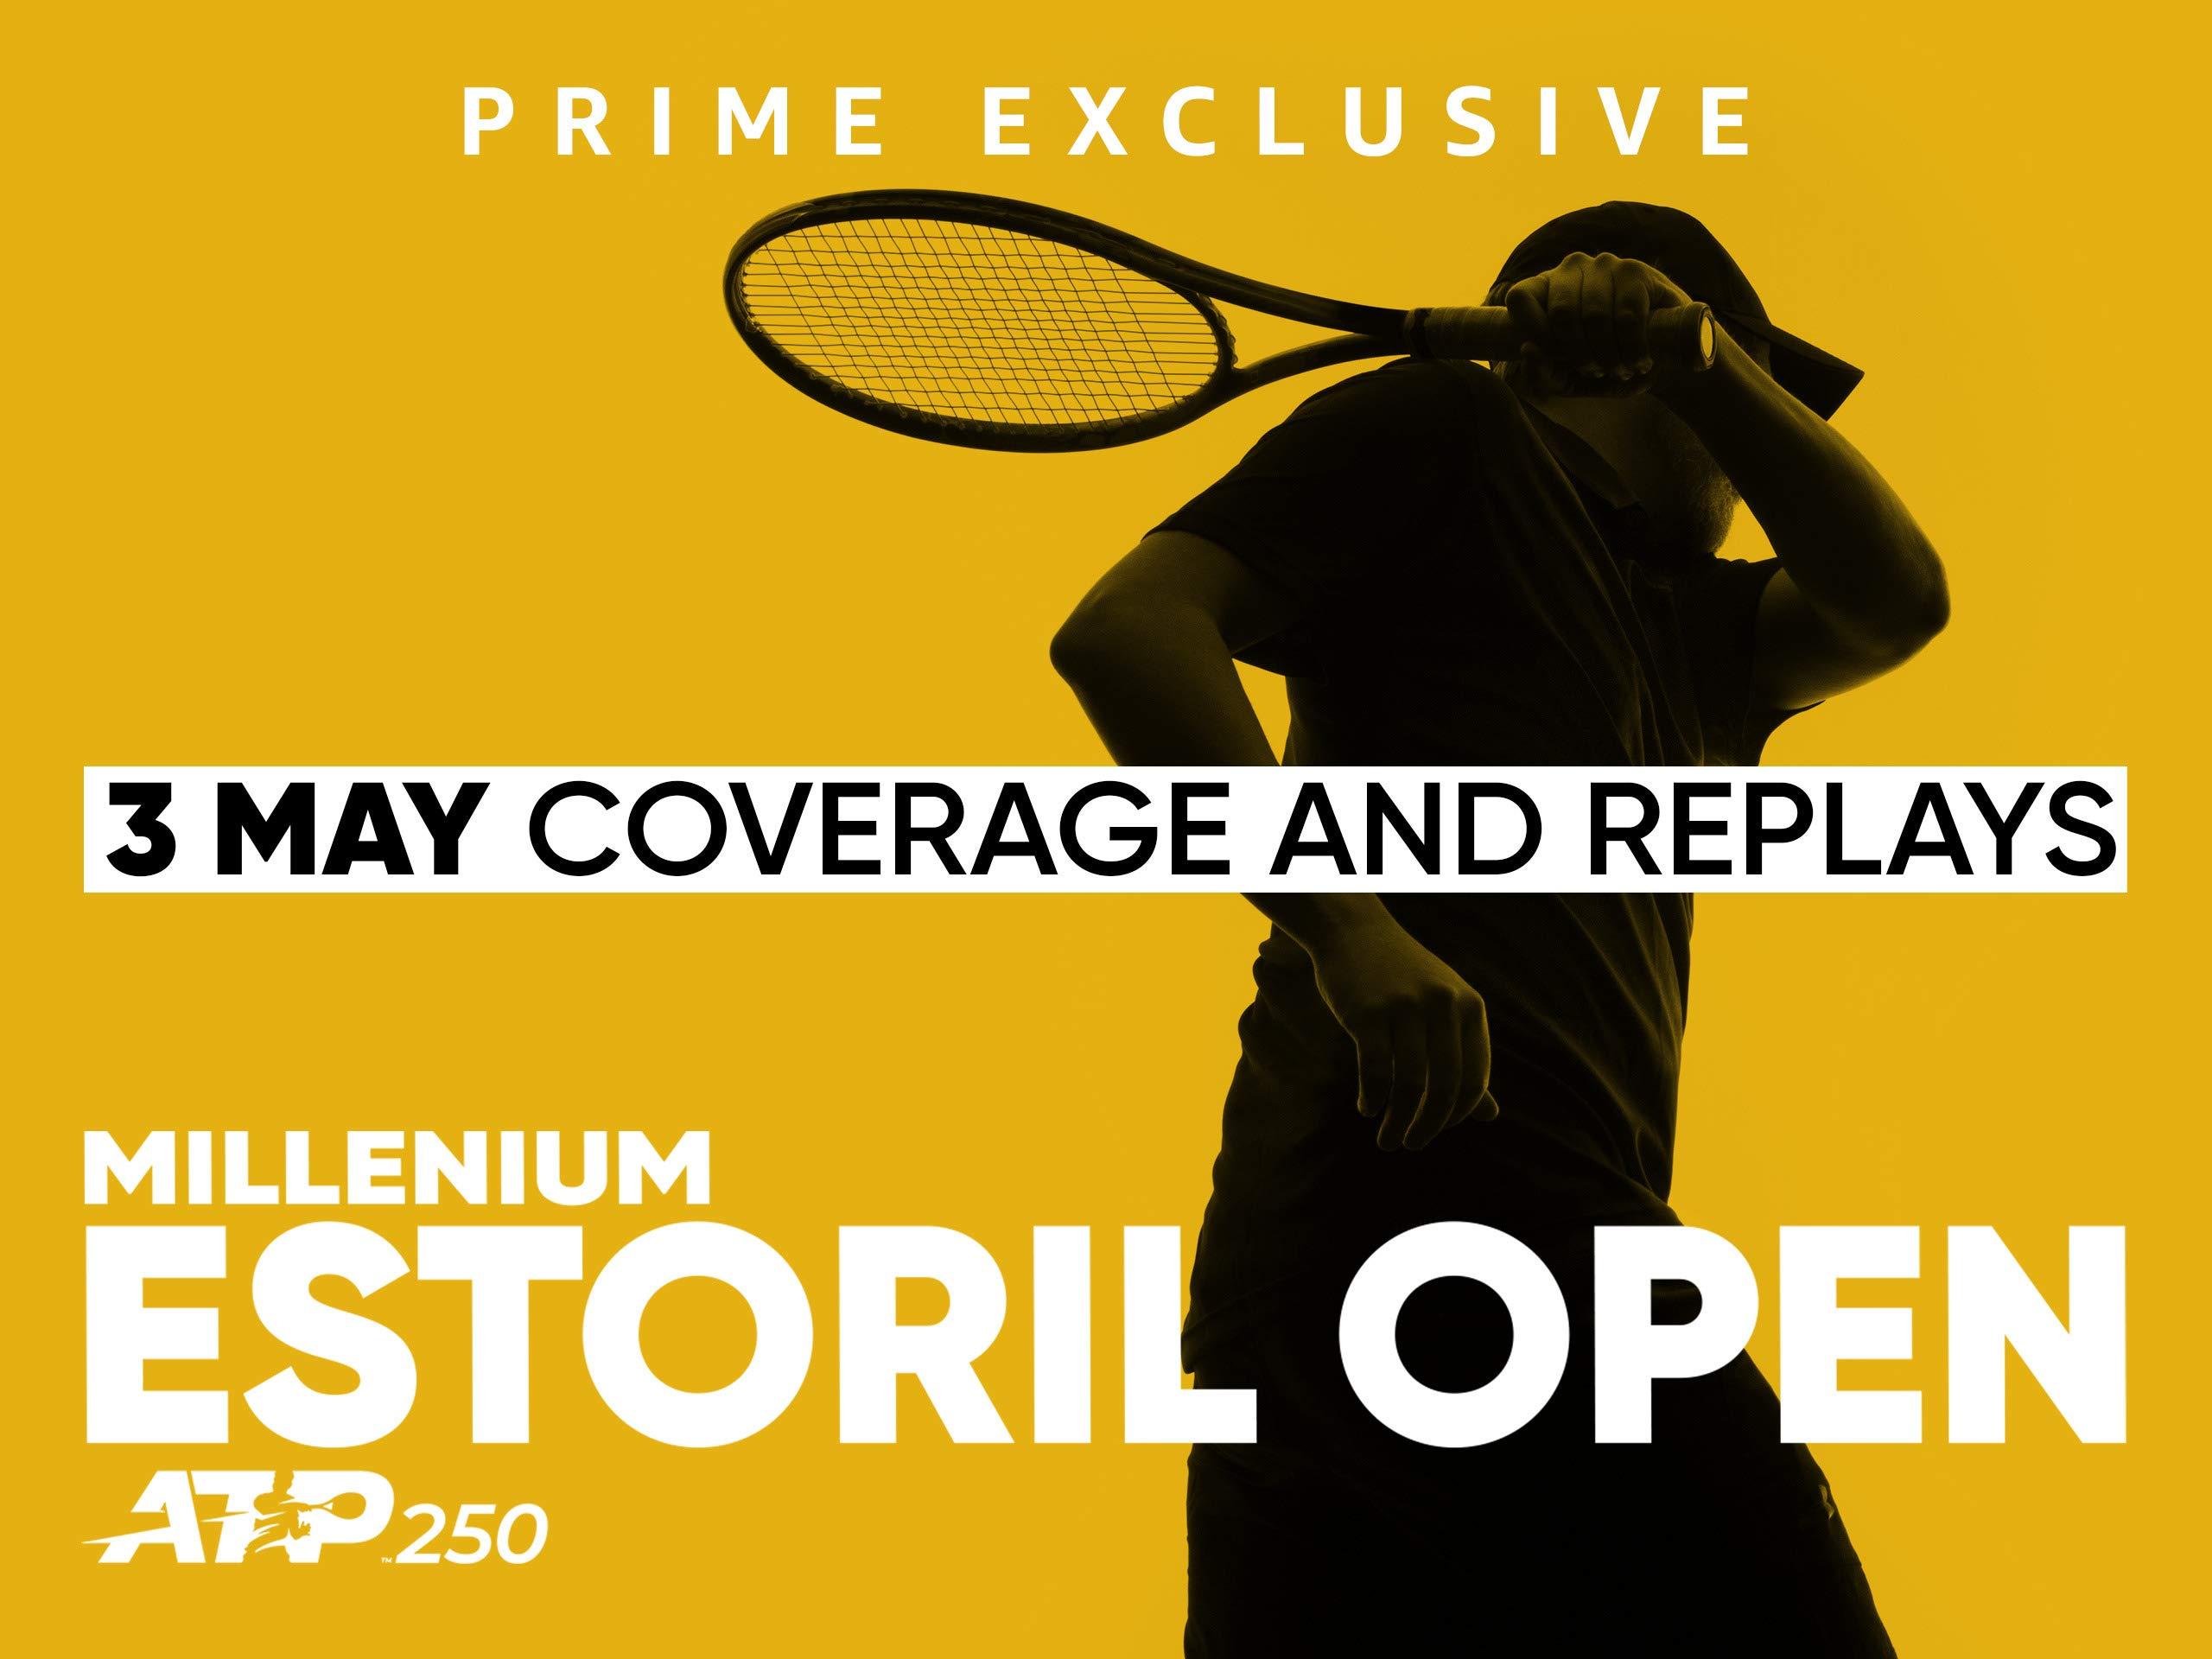 2019 Millennium Estoril Open, ATP 250 - Day 5